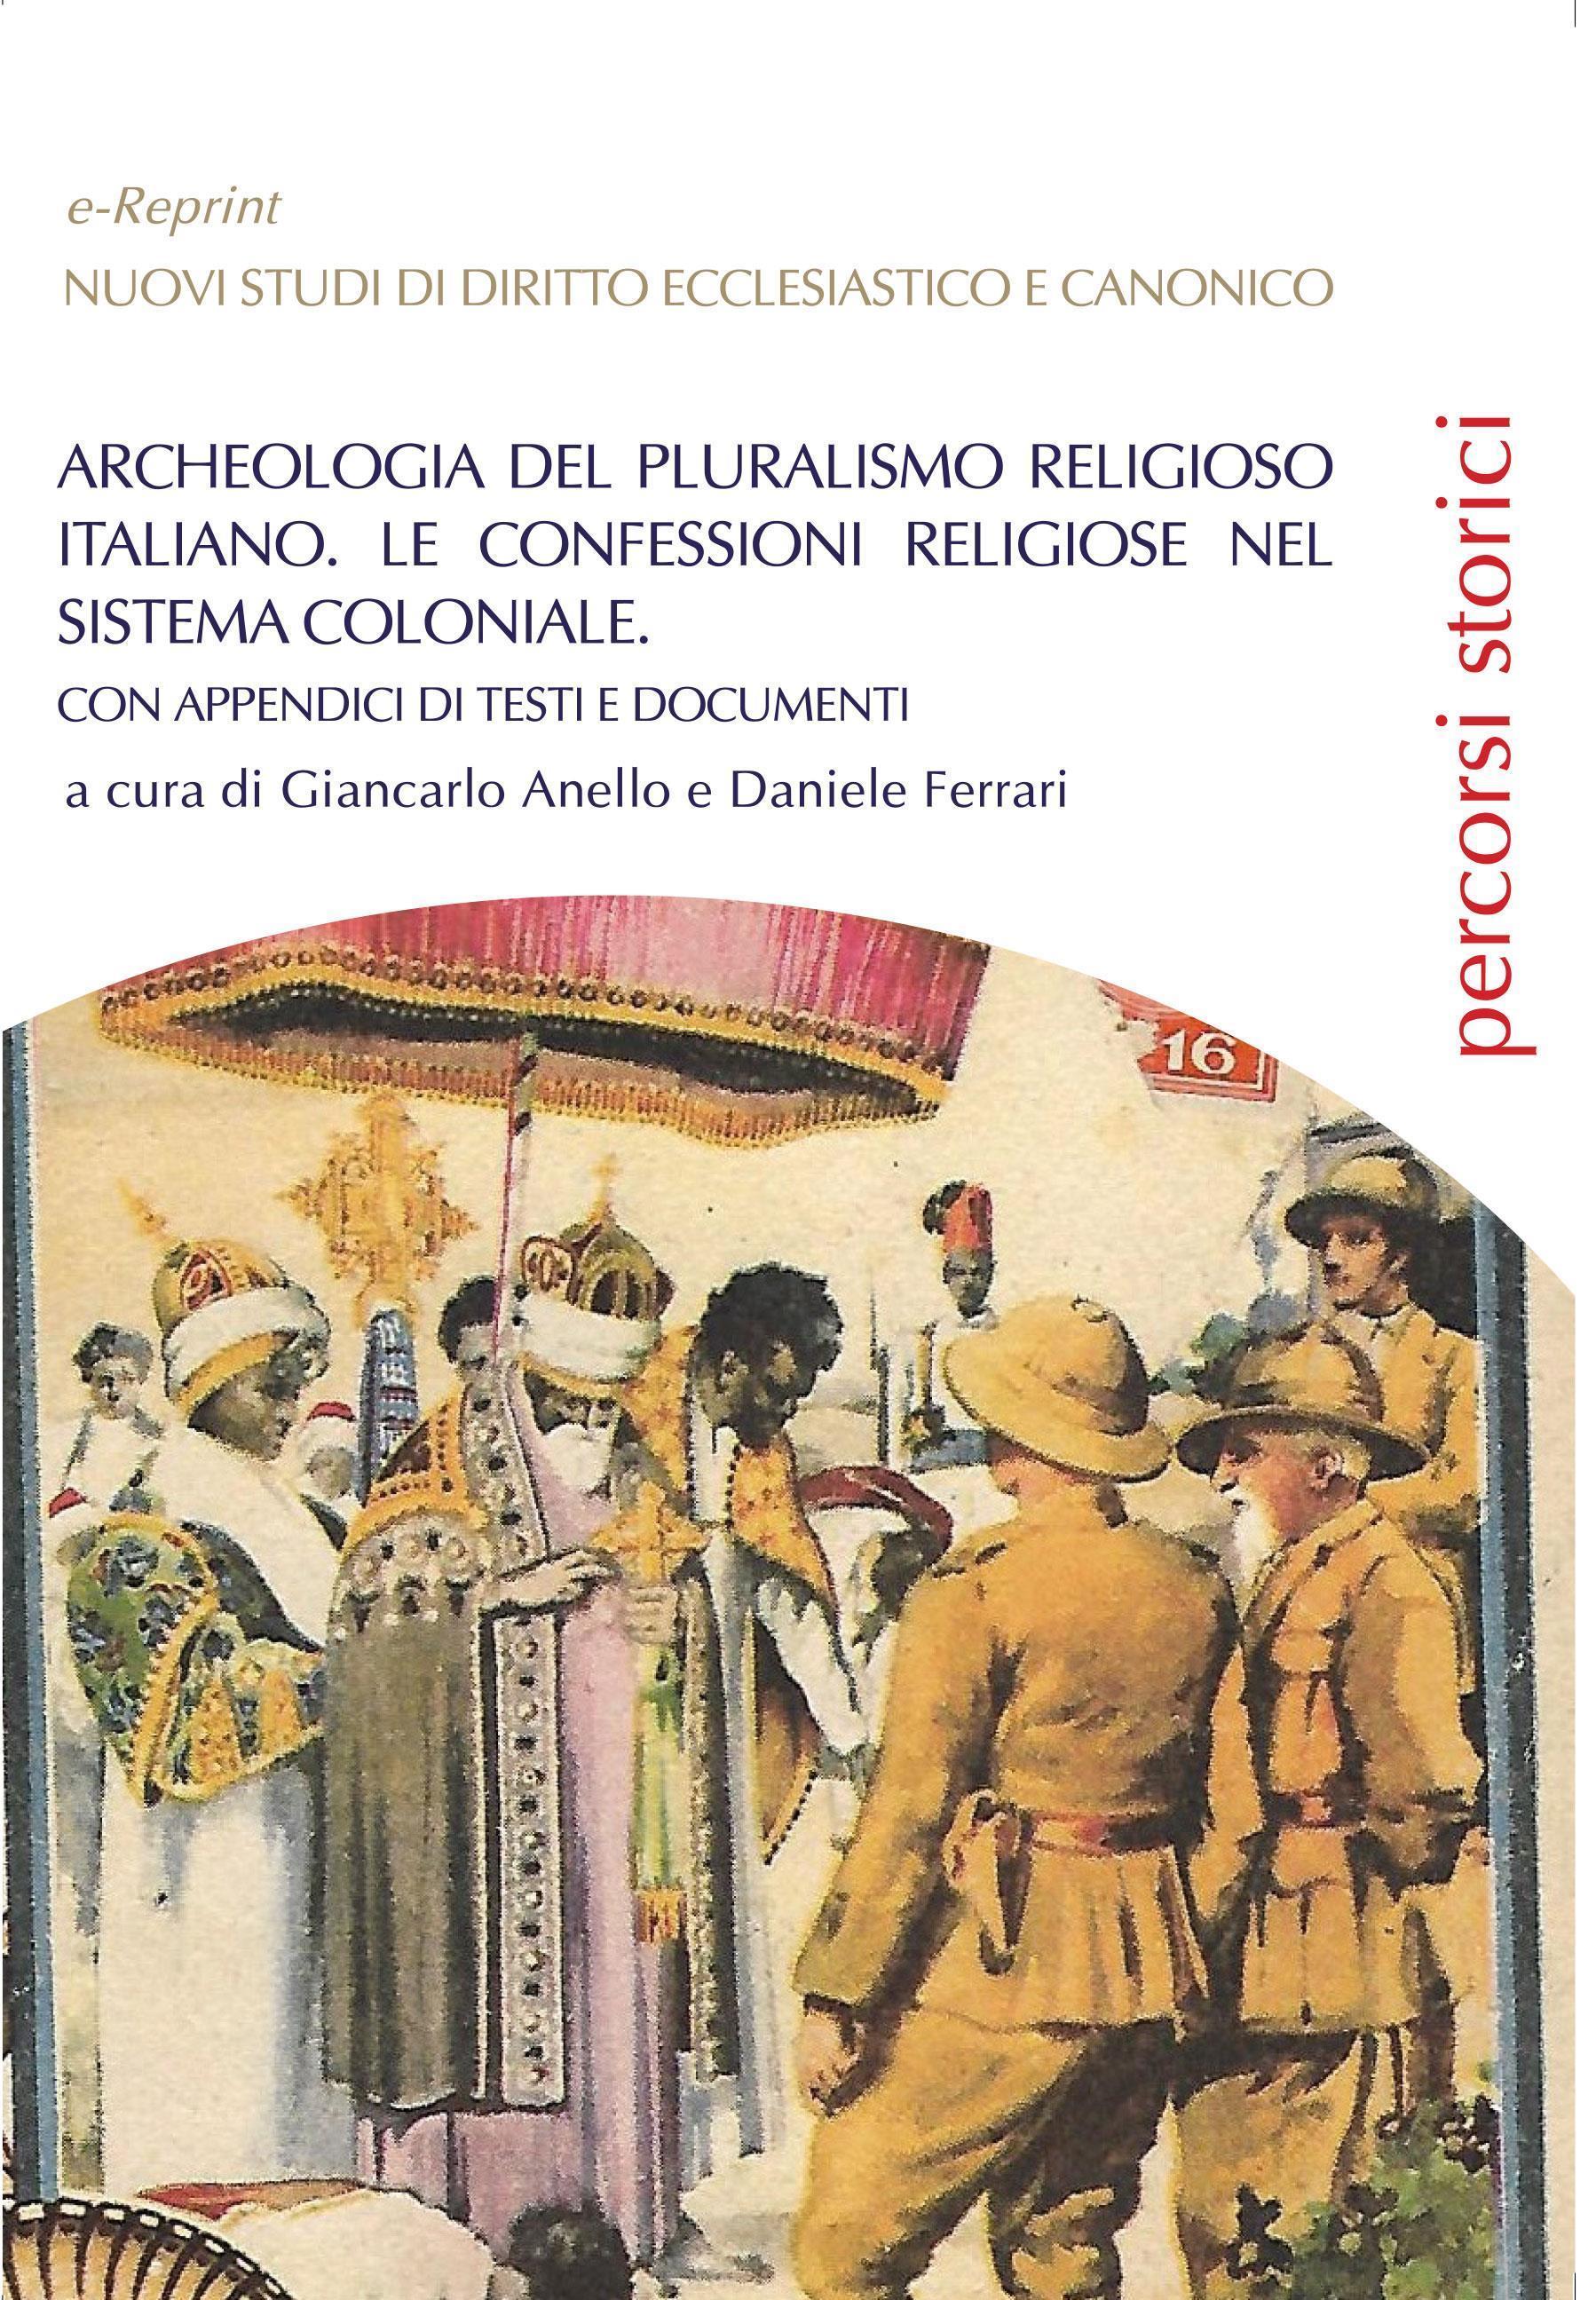 Archeologia del pluralismo religioso italiano. Le confessioni religiose nel sistema coloniale. Con appendici di testi e documenti